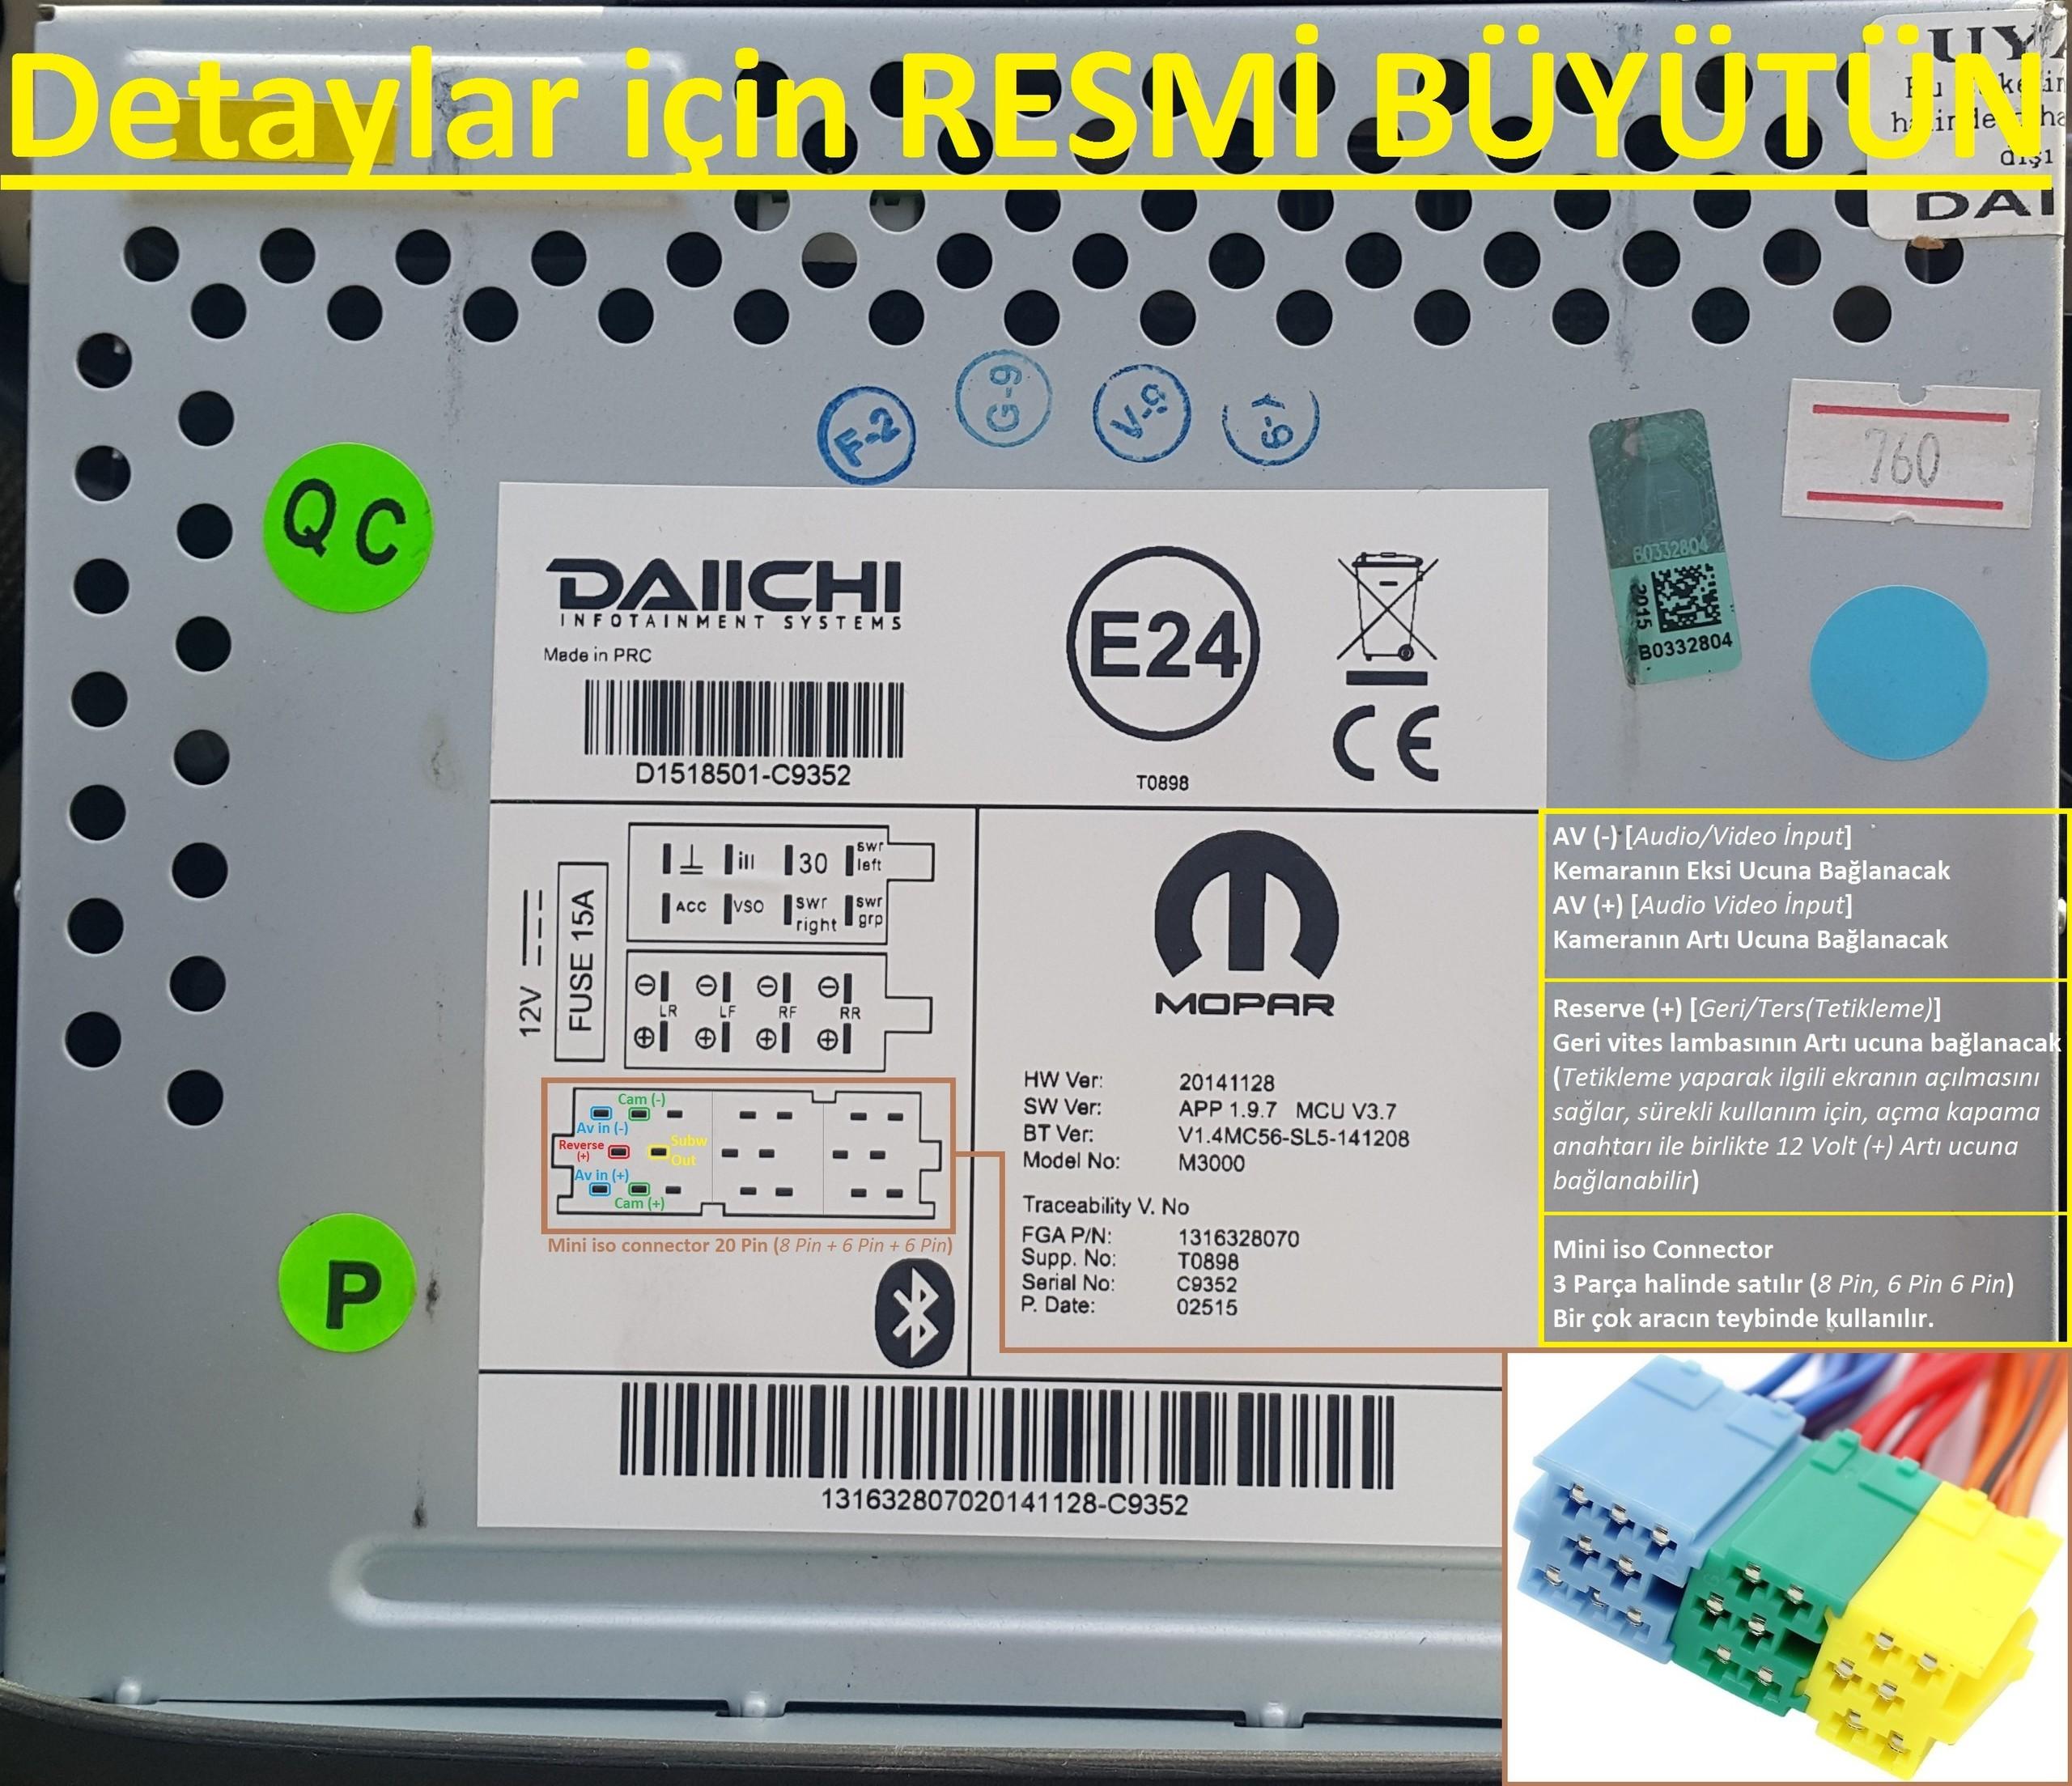 Daiichim3000 1